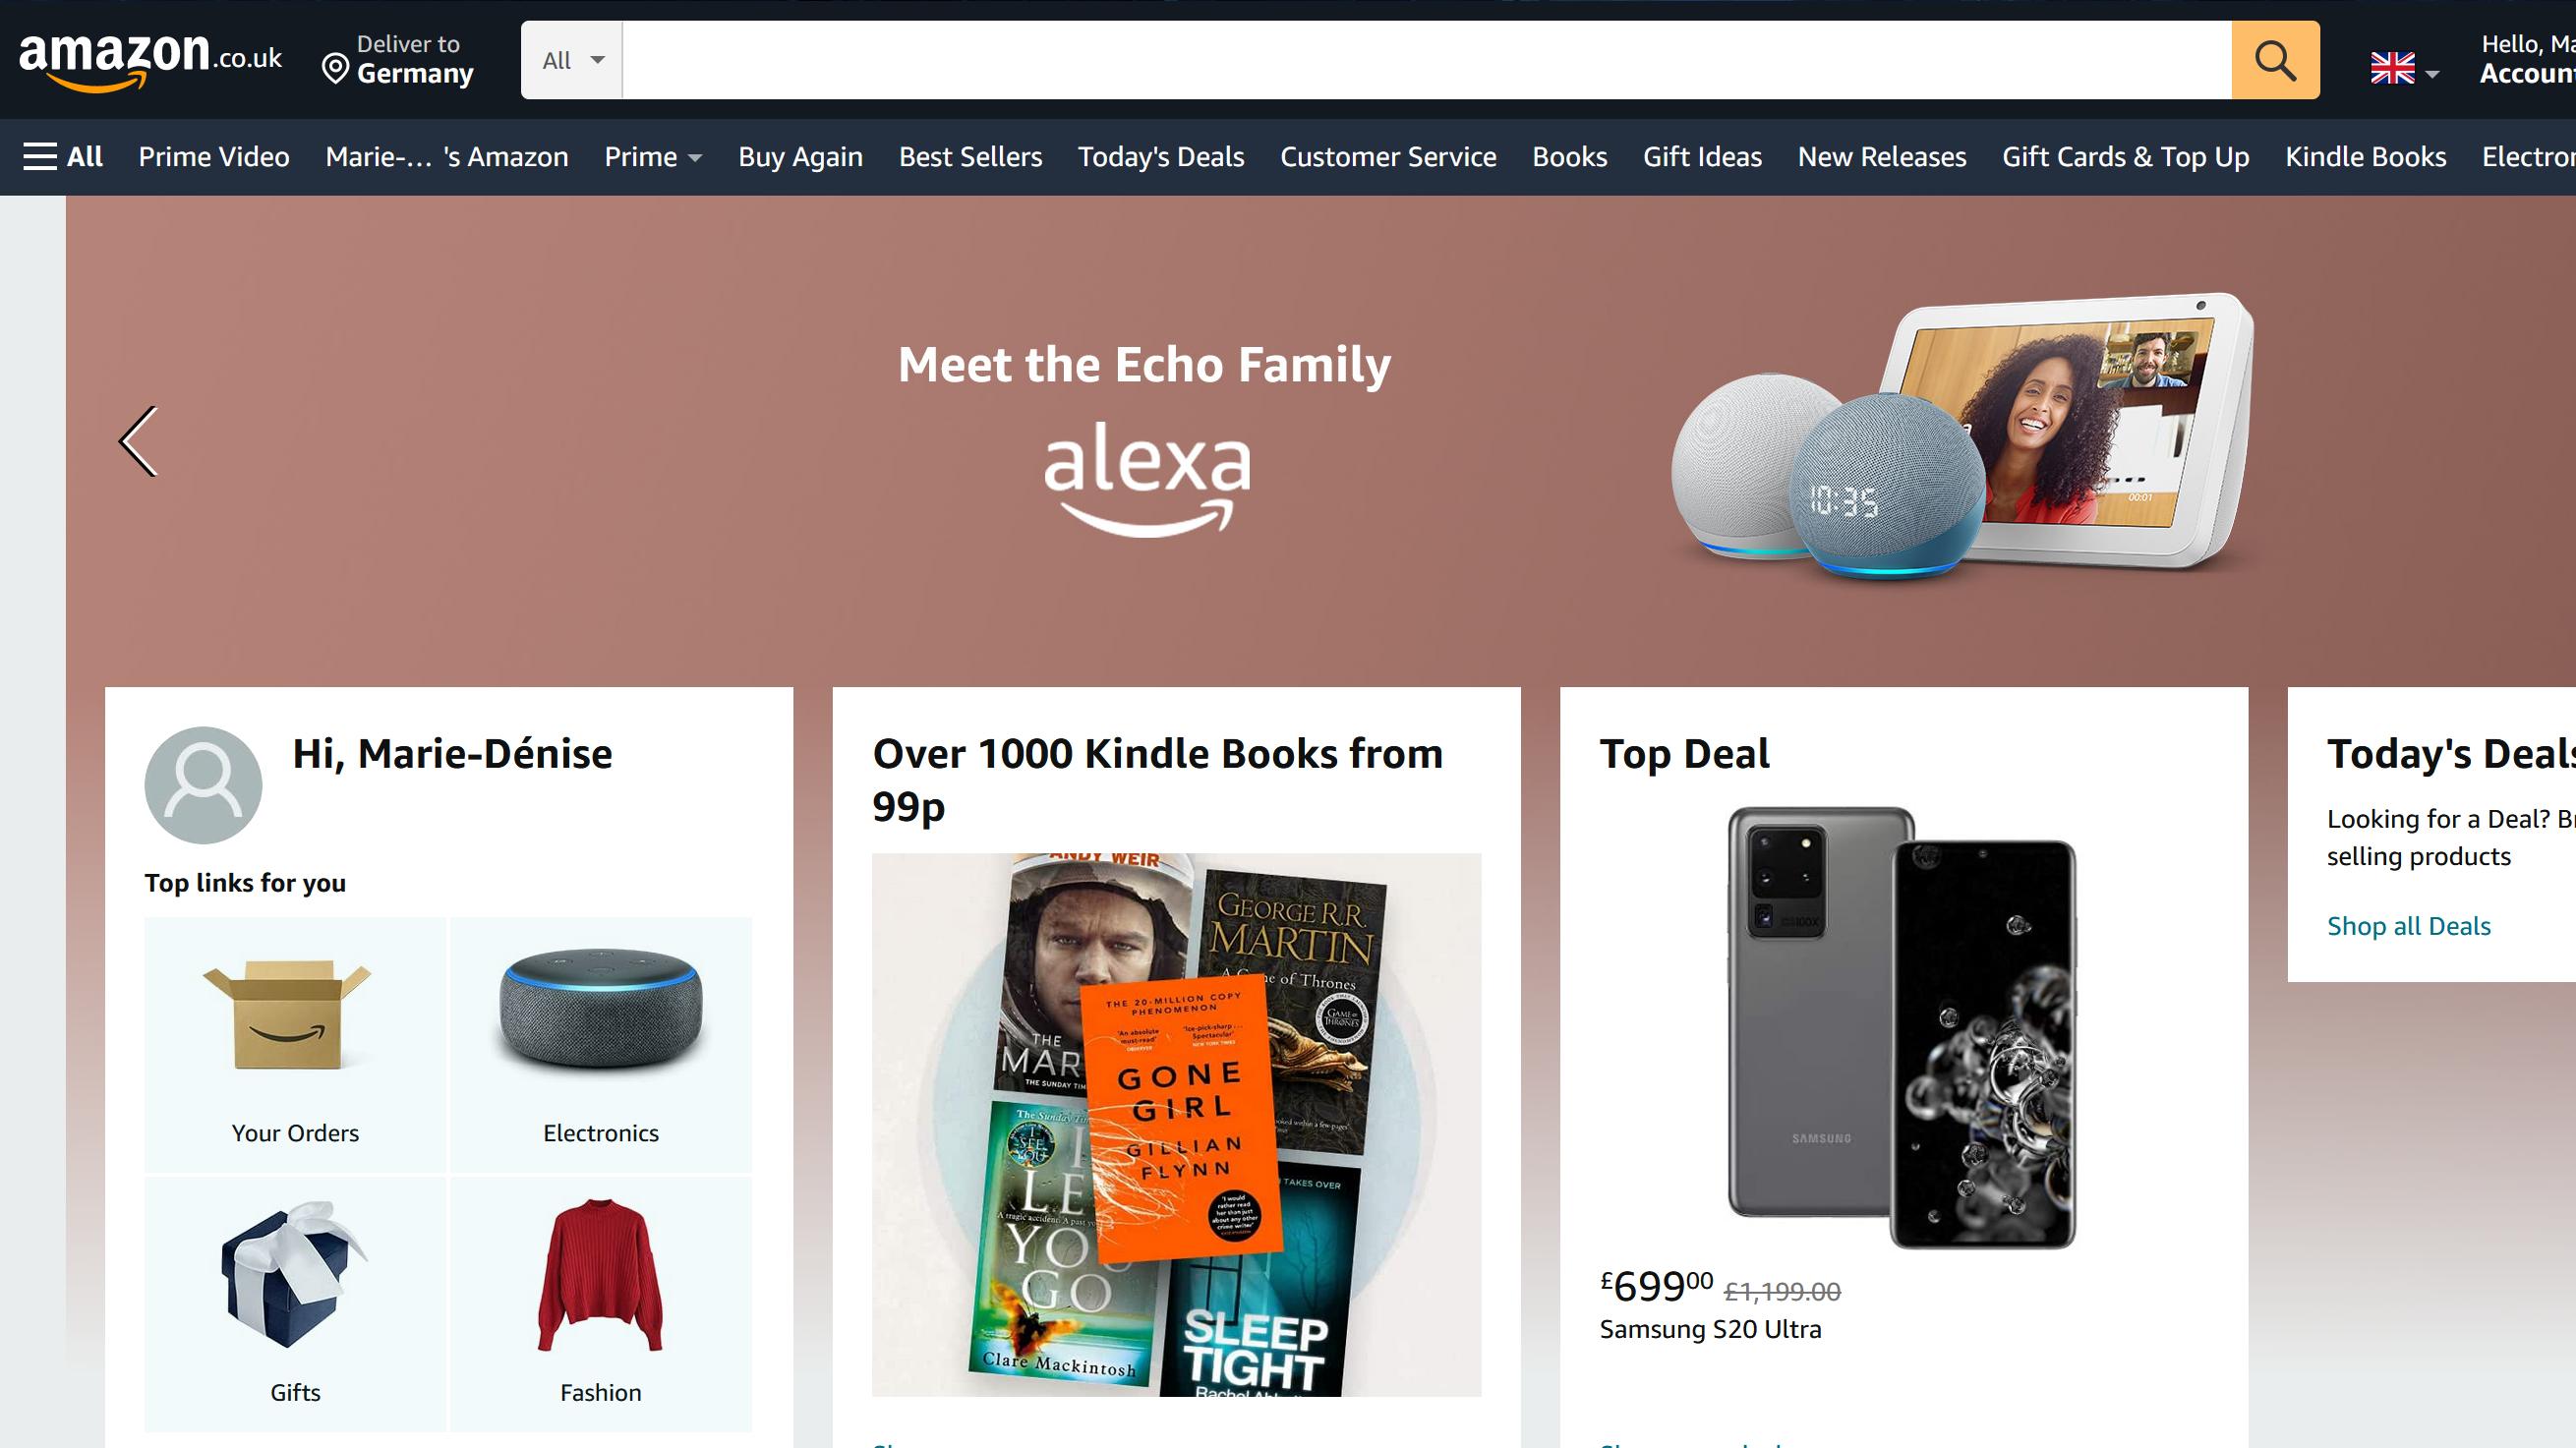 Bei Amazon.co.uk lassen sich Produkte mit dem deutschen Konto bestellen